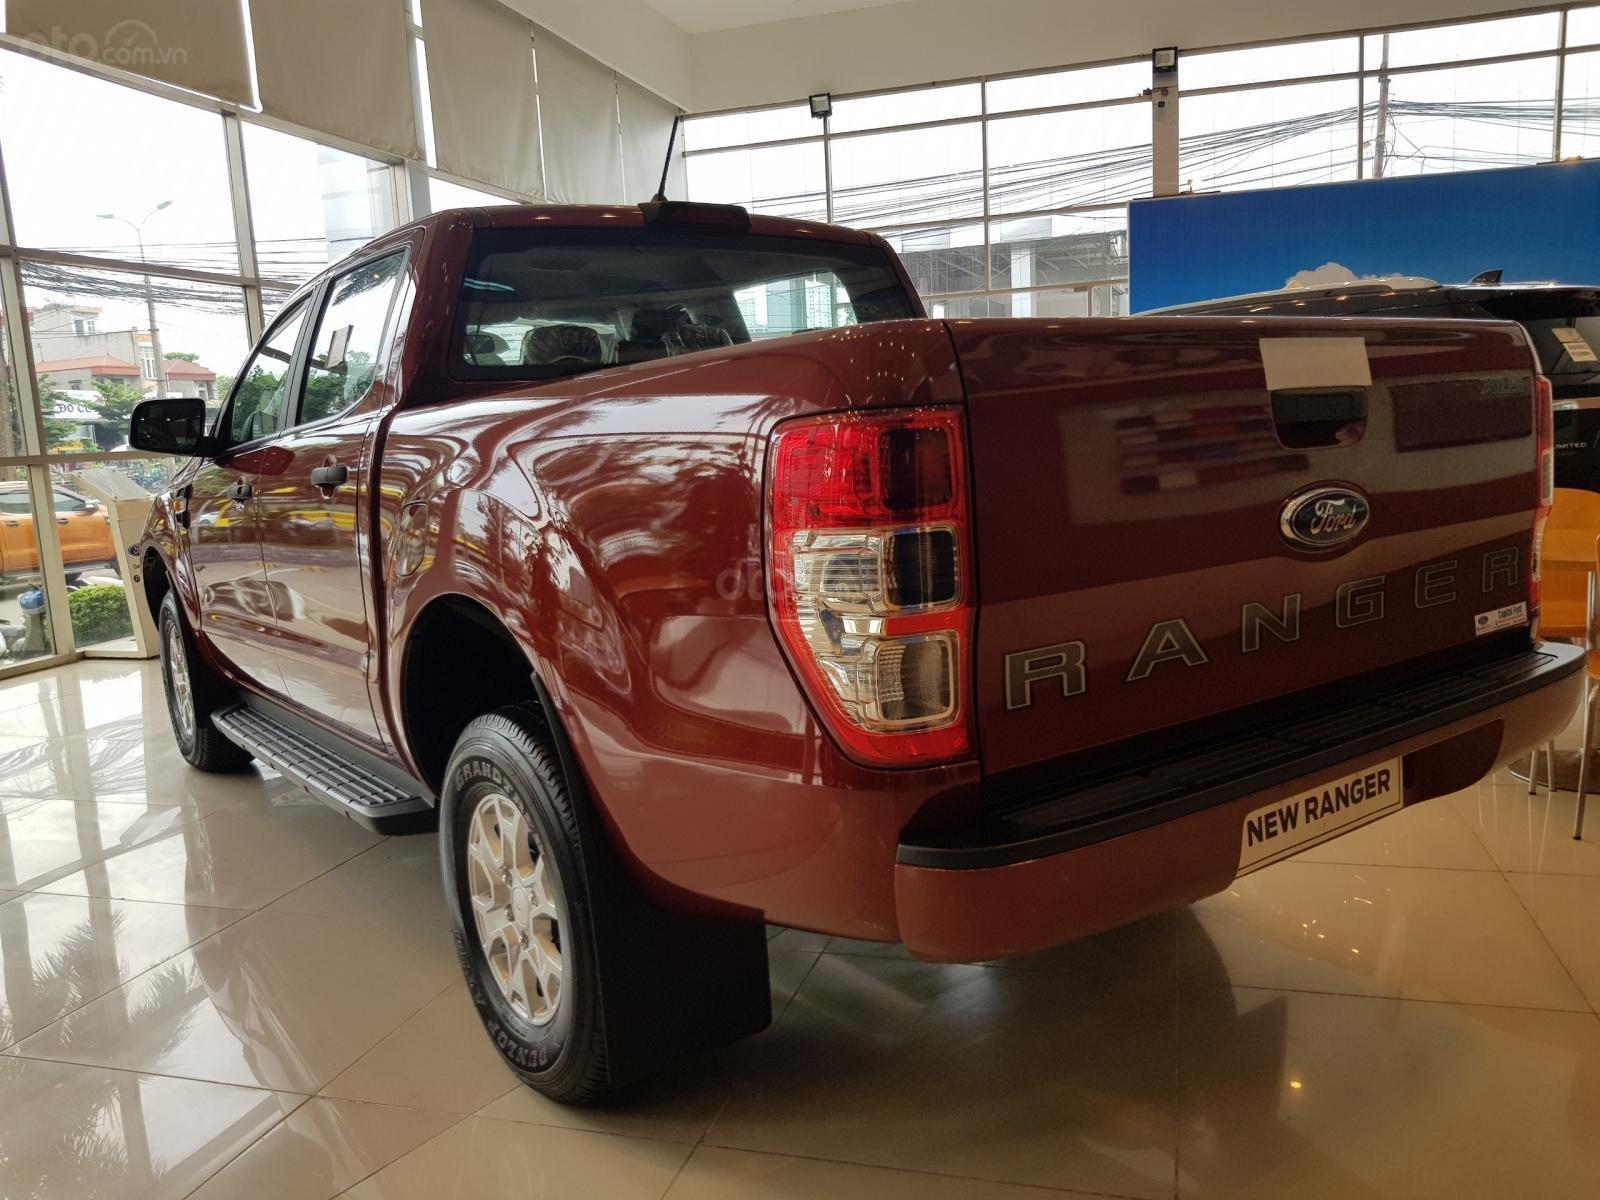 [Hot] Lăn bánh Ford Ranger XLS AT 2020 chỉ 184 triệu - tặng phụ kiện lên đến 20 triệu, hỗ trợ lãi suất trả góp từ 0,74% (3)